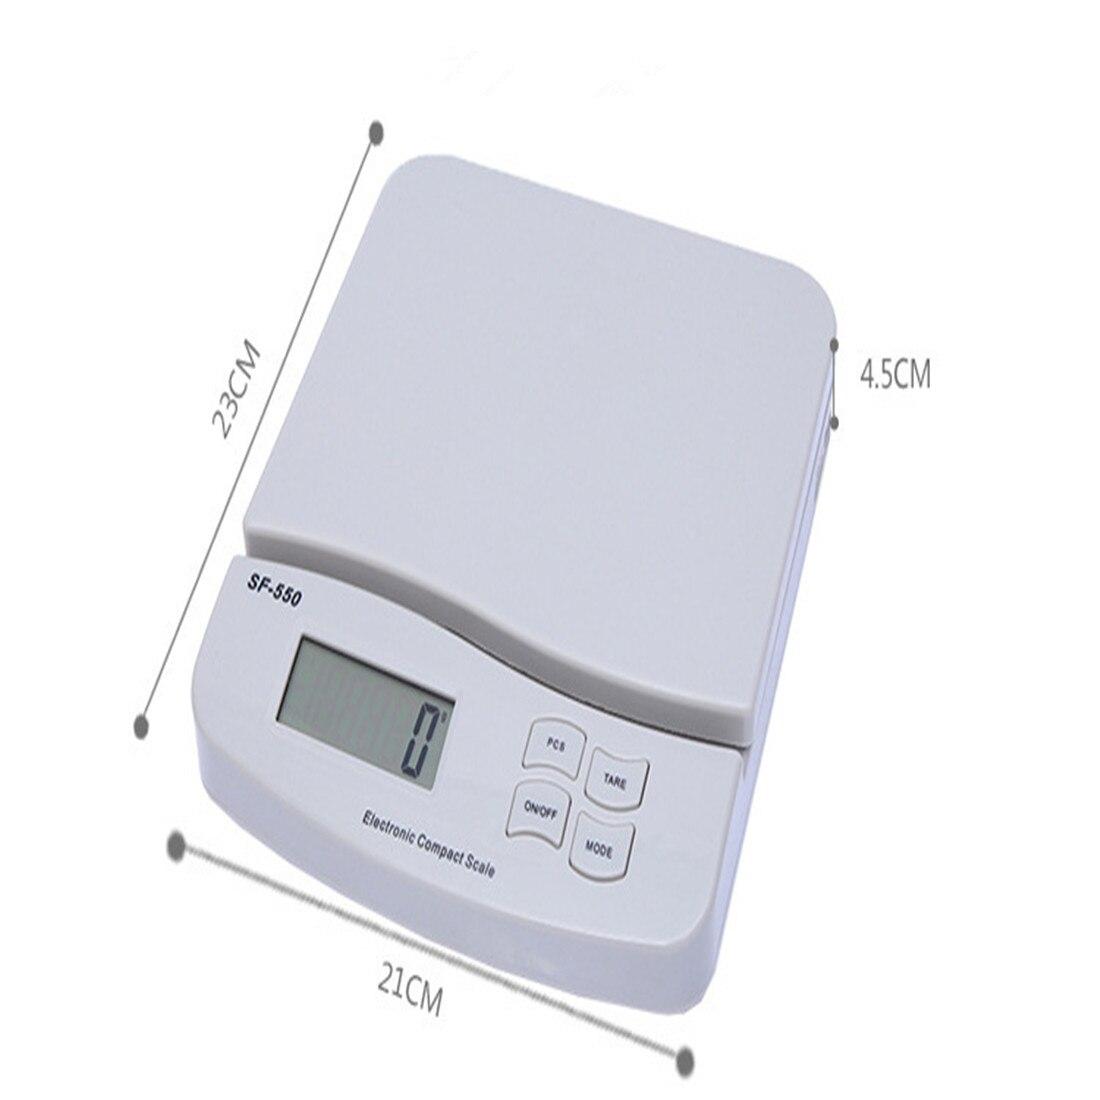 25 kg/1g alimentaire régime échelle numérique LCD rétro-éclairage électronique alimentaire régime cuisine poids Balance haute précision bijoux offre spéciale - 5